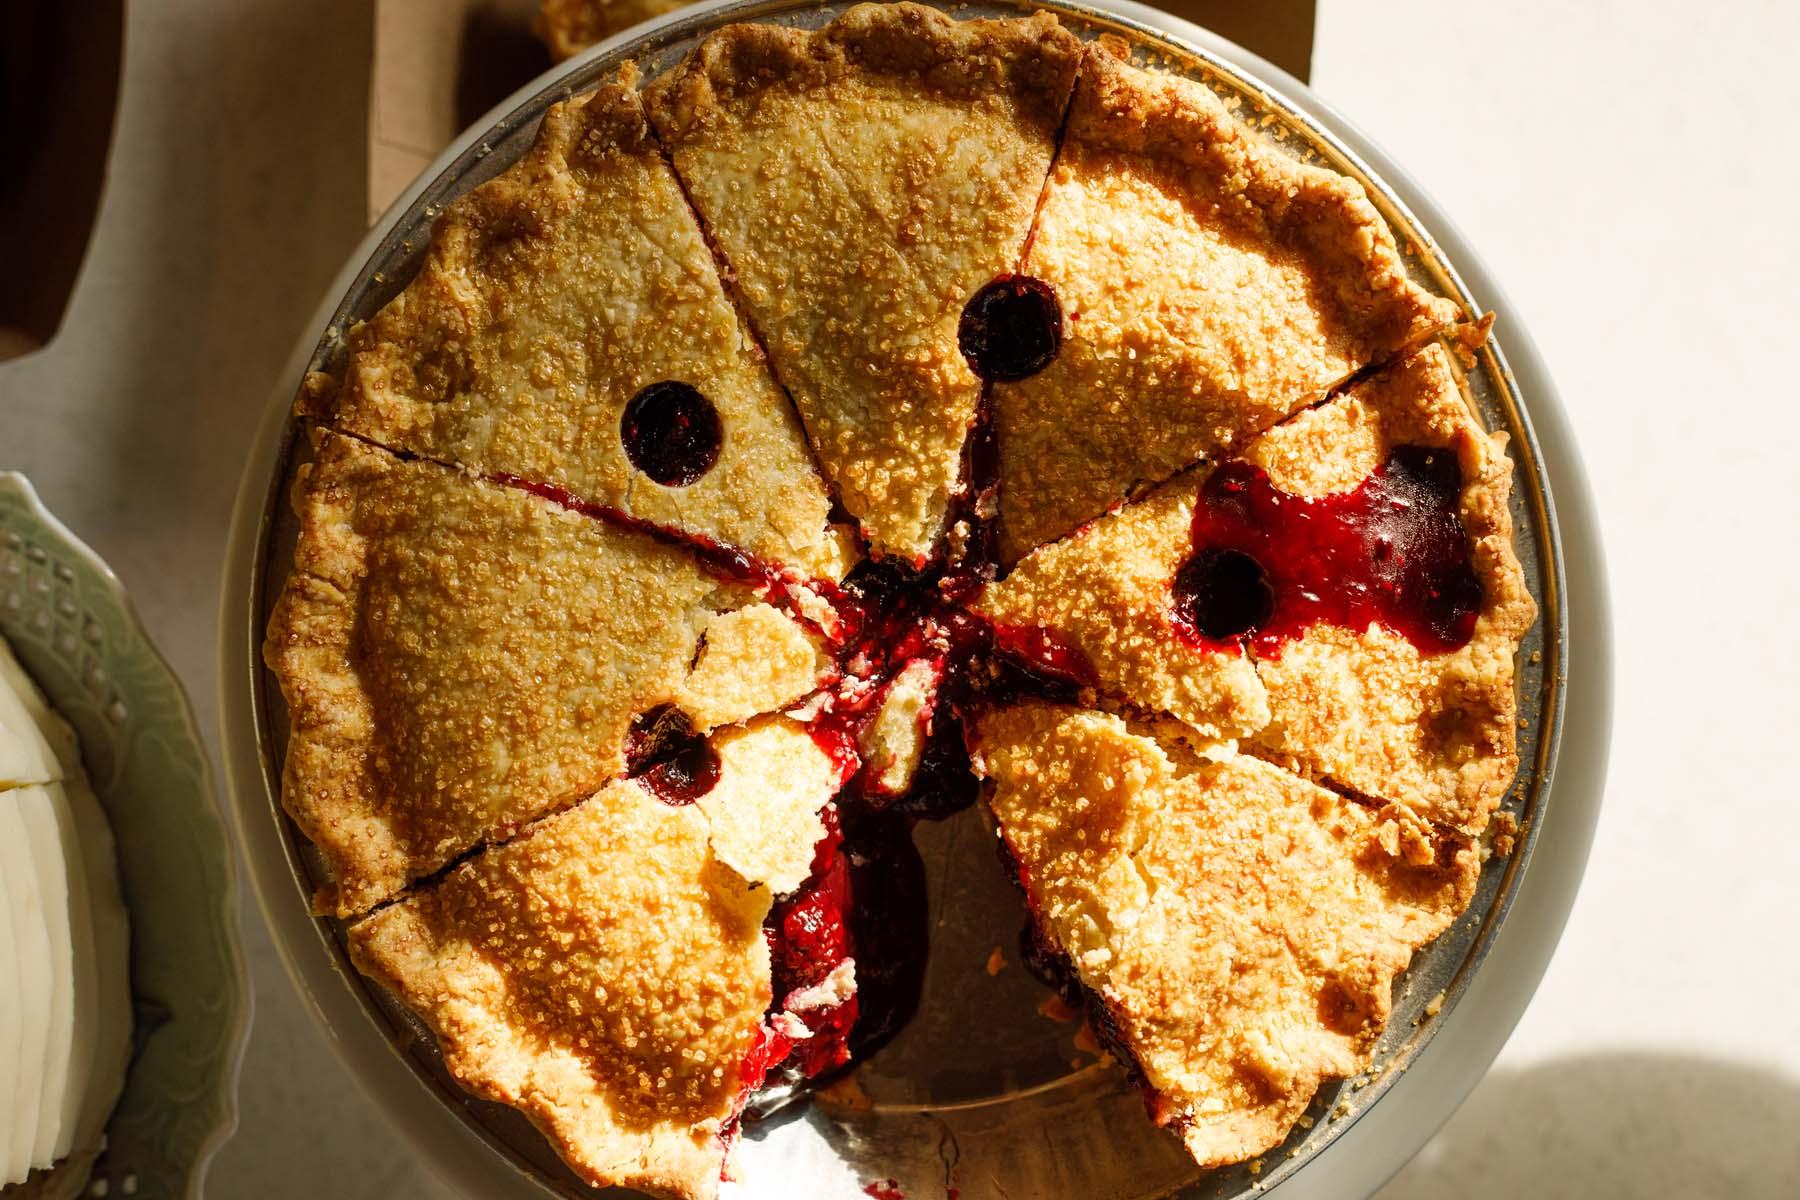 Best desserts in Wichita - Whole Cherry Pie